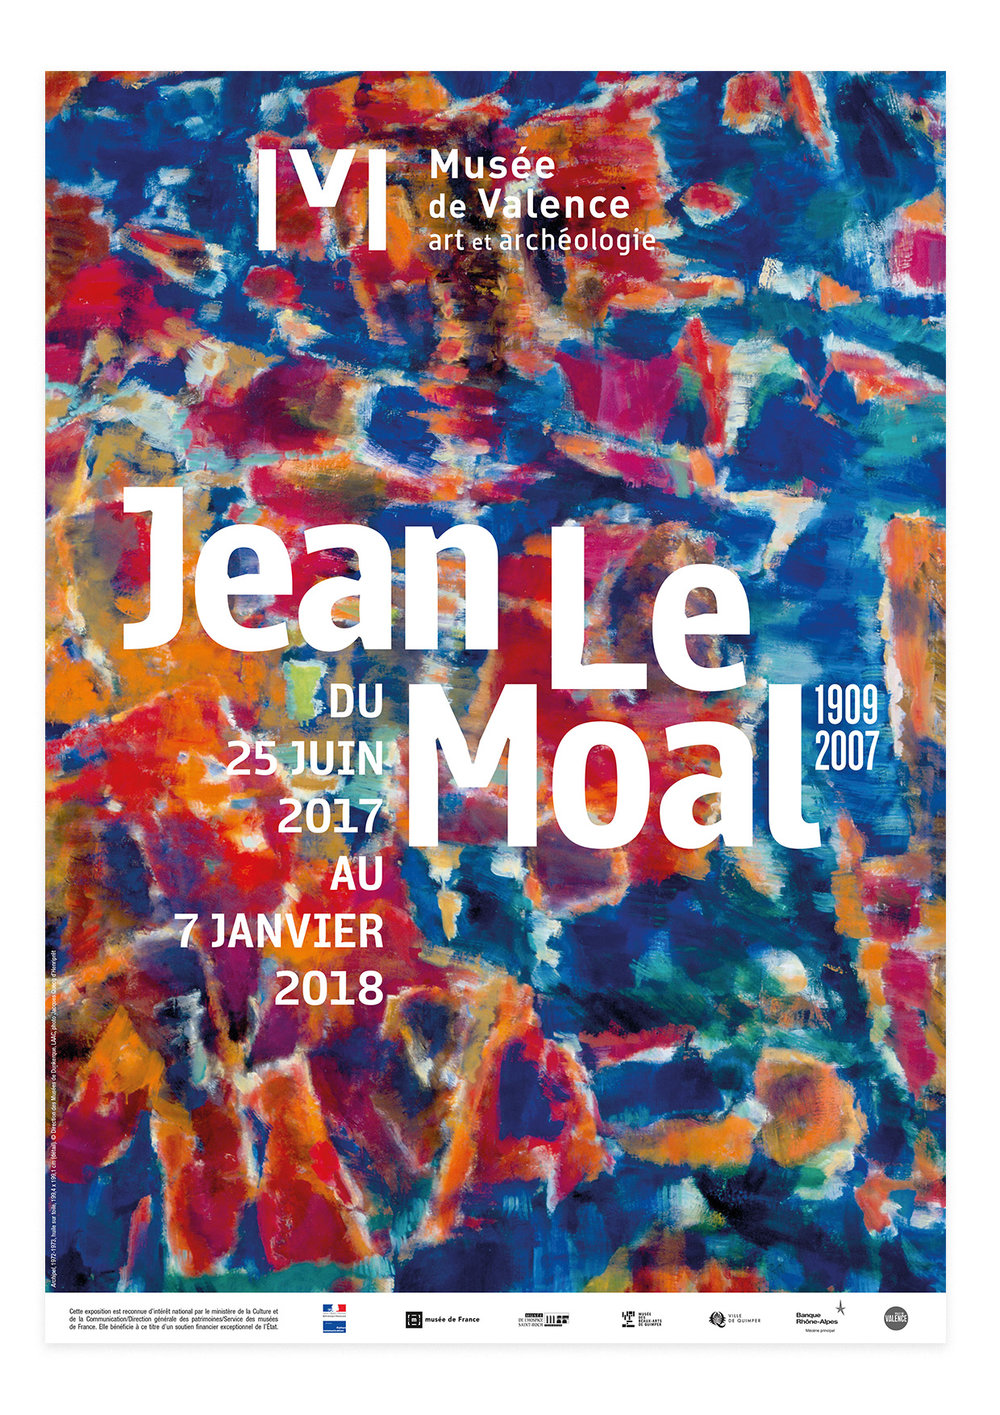 Exposition  Jean Le Moal 1909-2007  communication / Signalétique  Musée de Valence